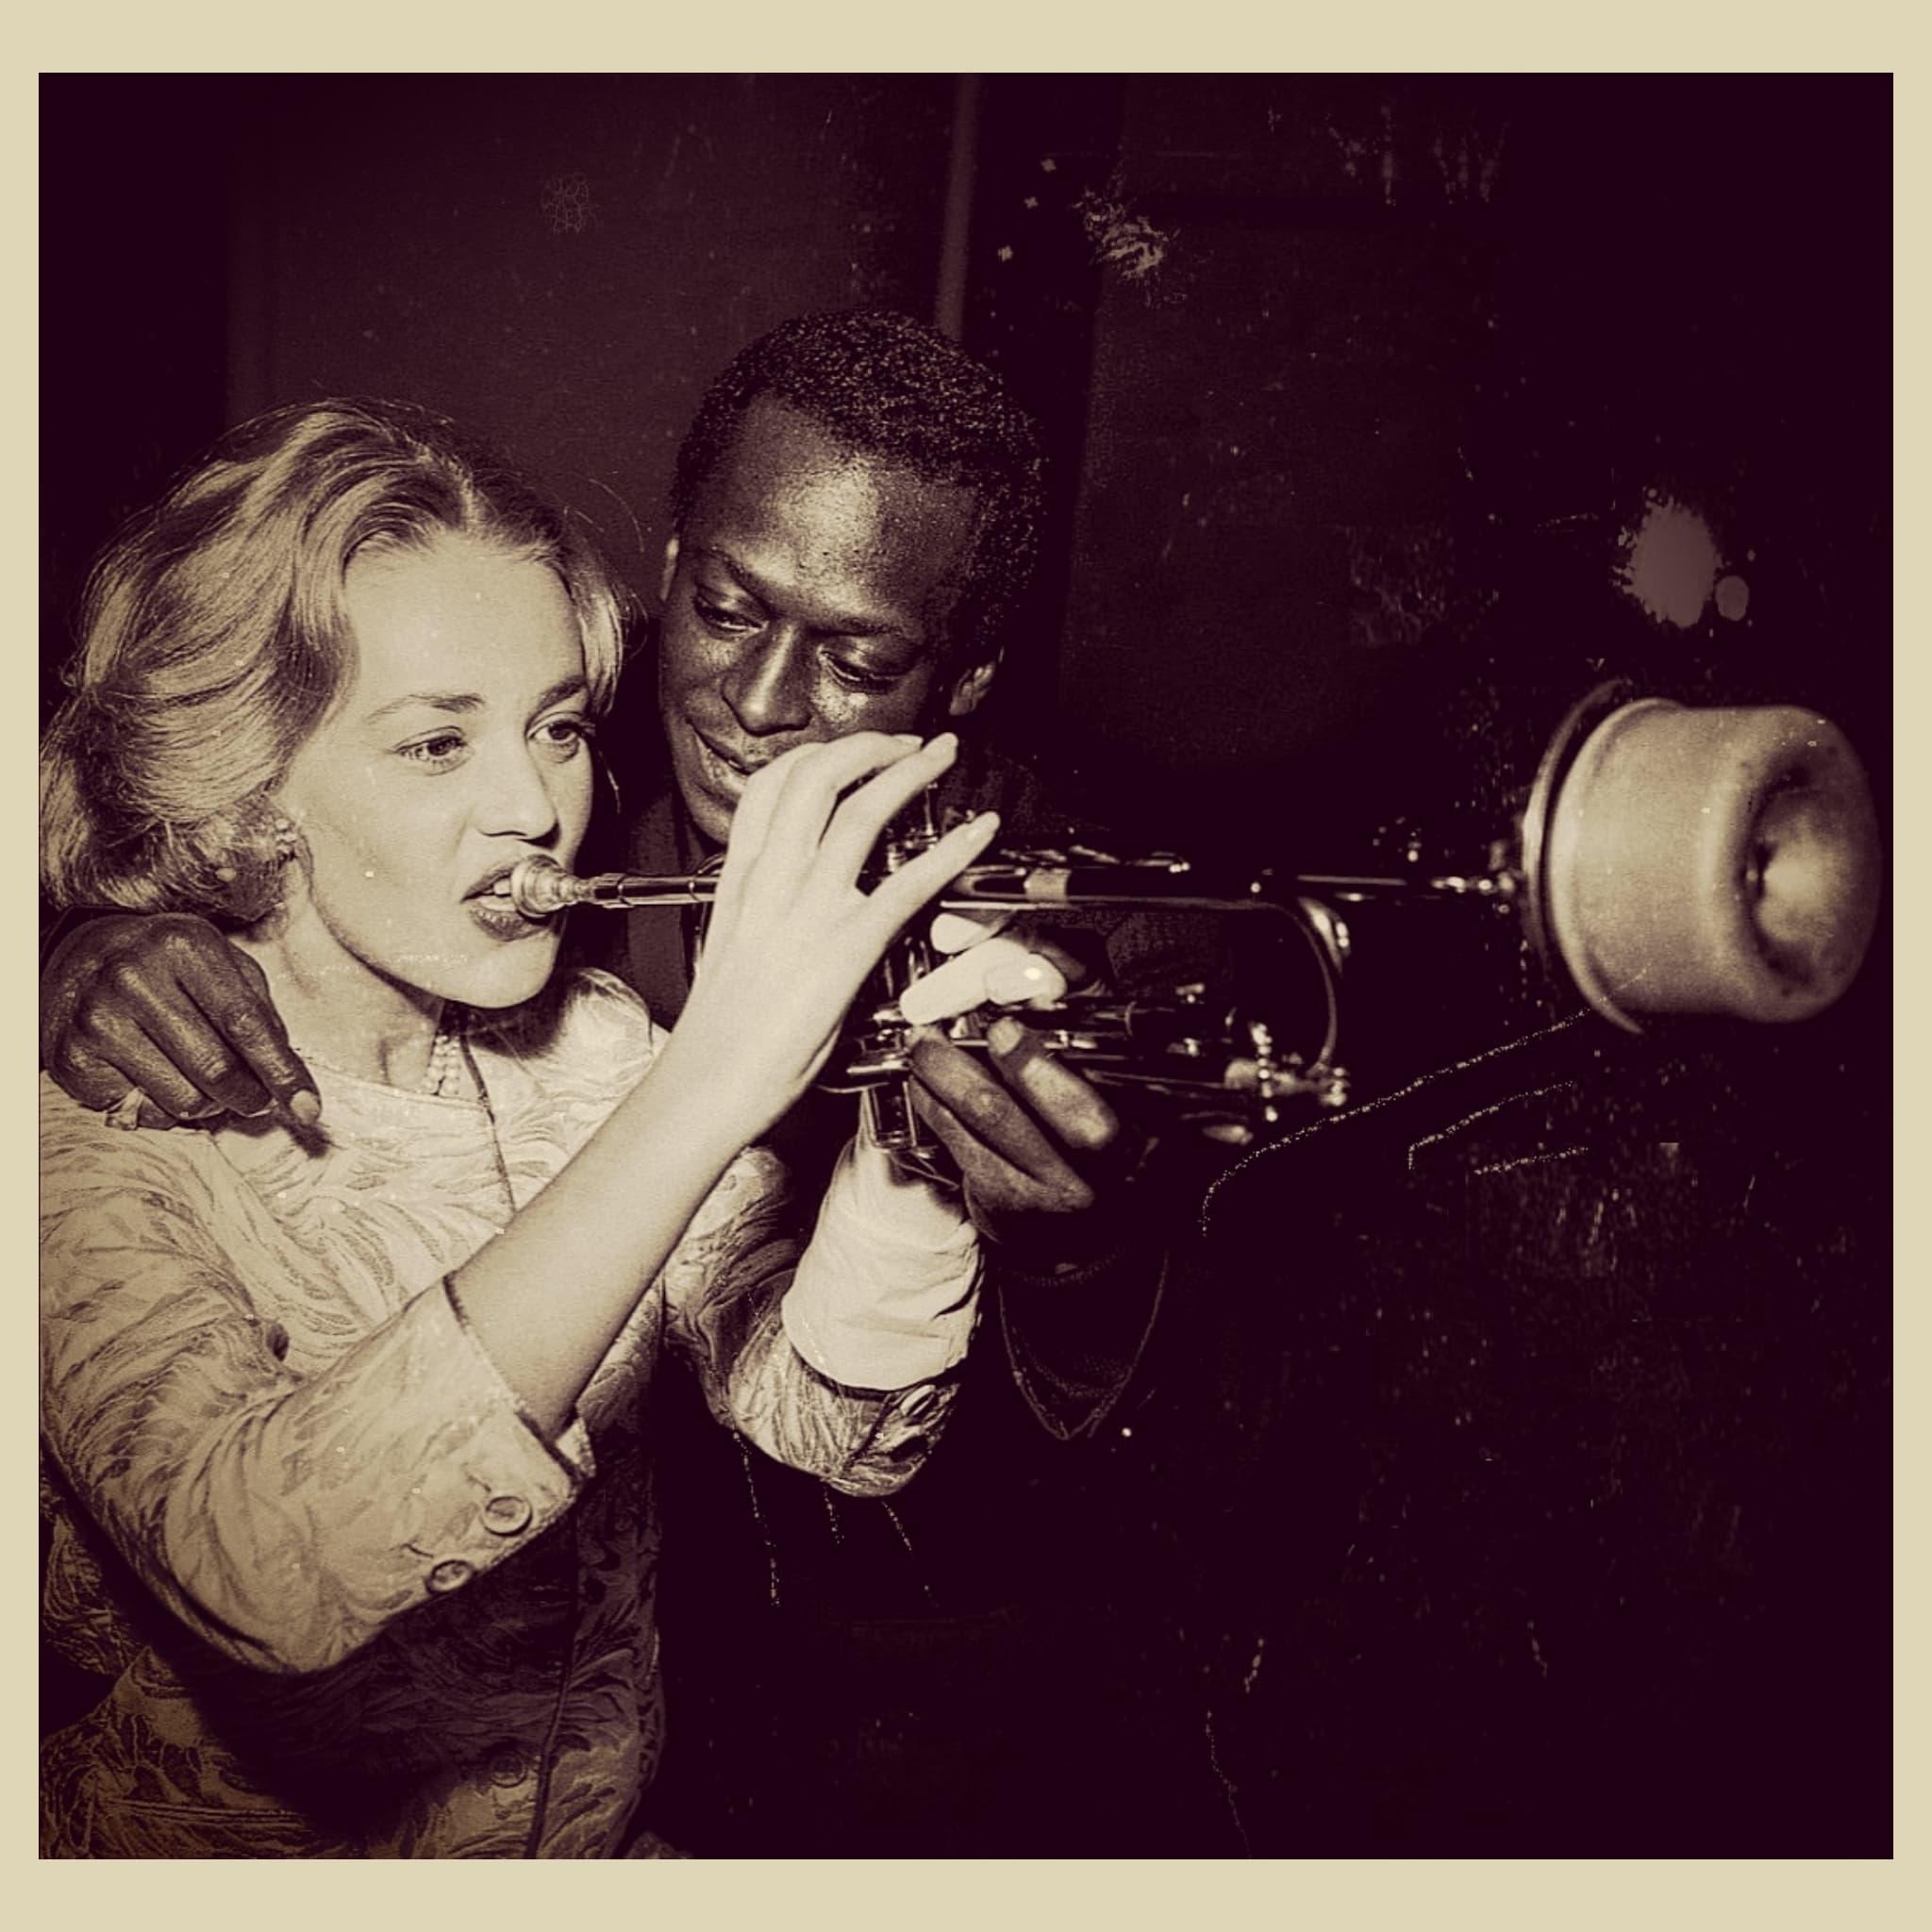 Jeanne Moreau & Miles Davis, 1958